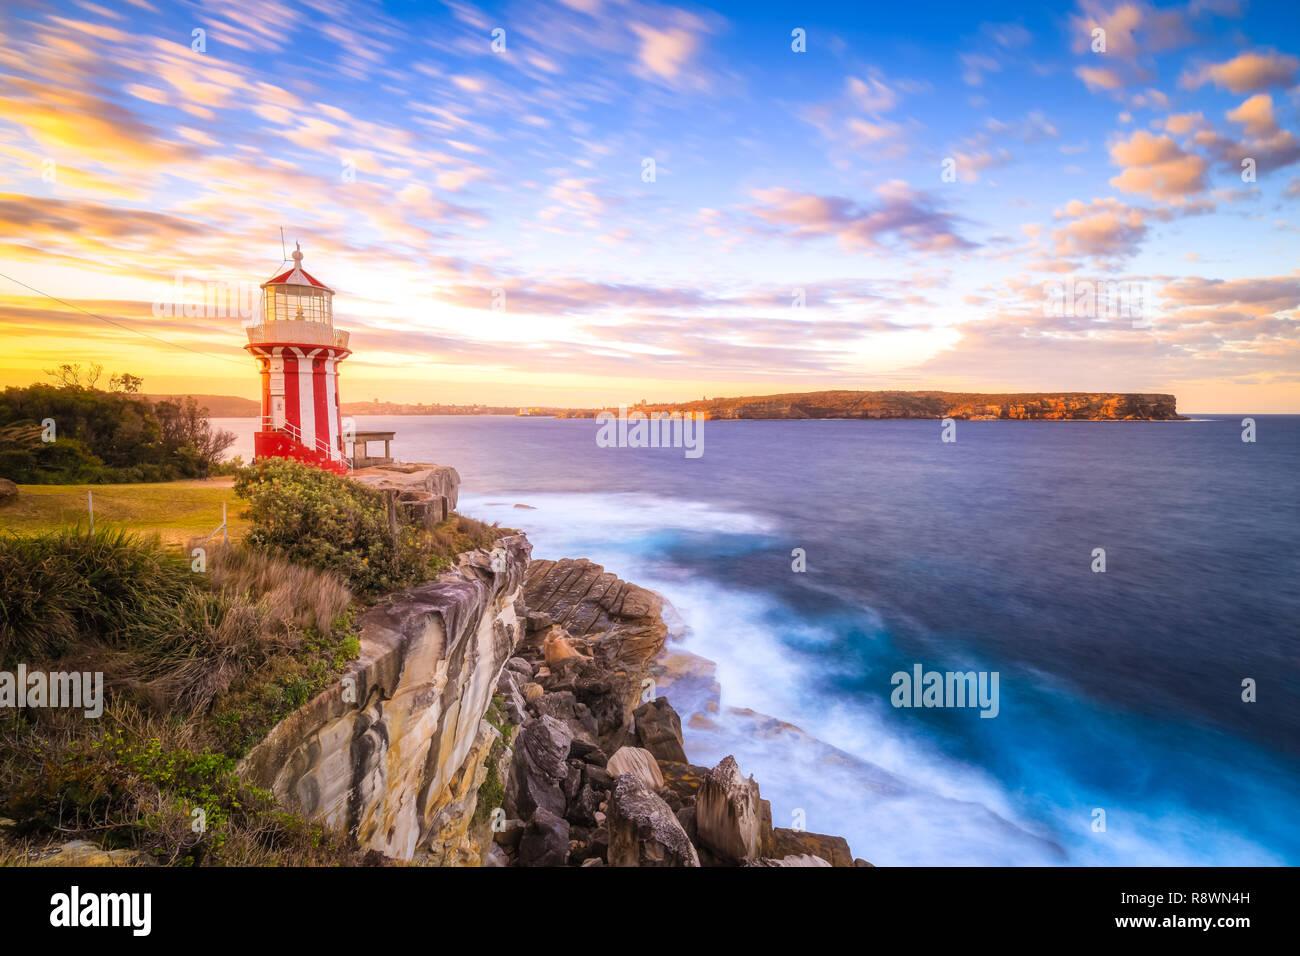 Hornby Lighthouse Sunset, Sydney Stock Photo